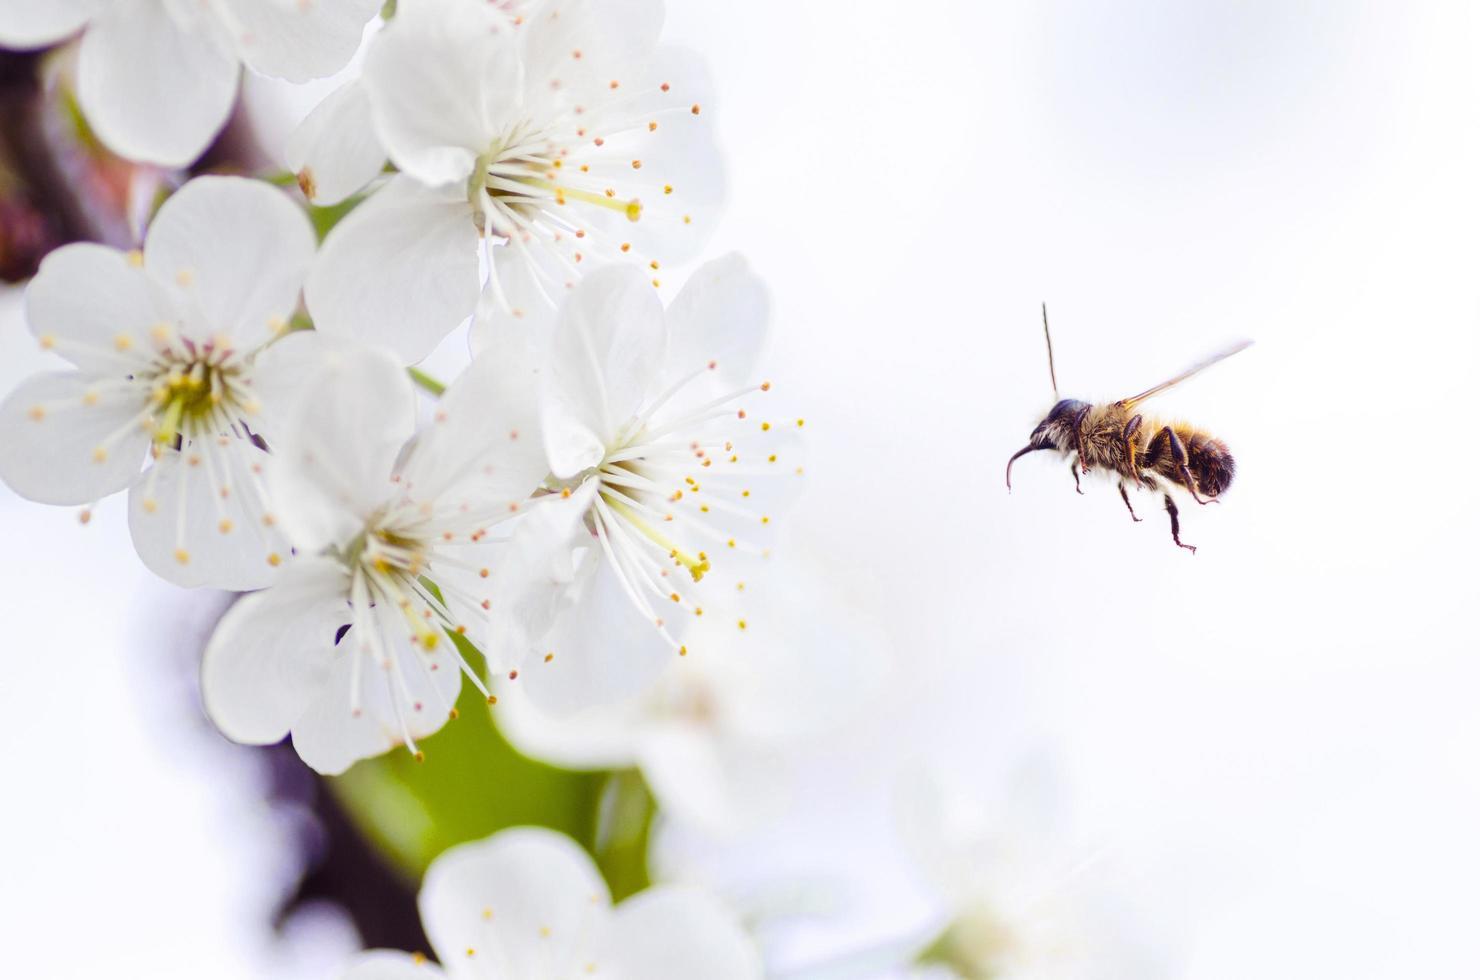 Biene fliegt auf Blumen zu foto